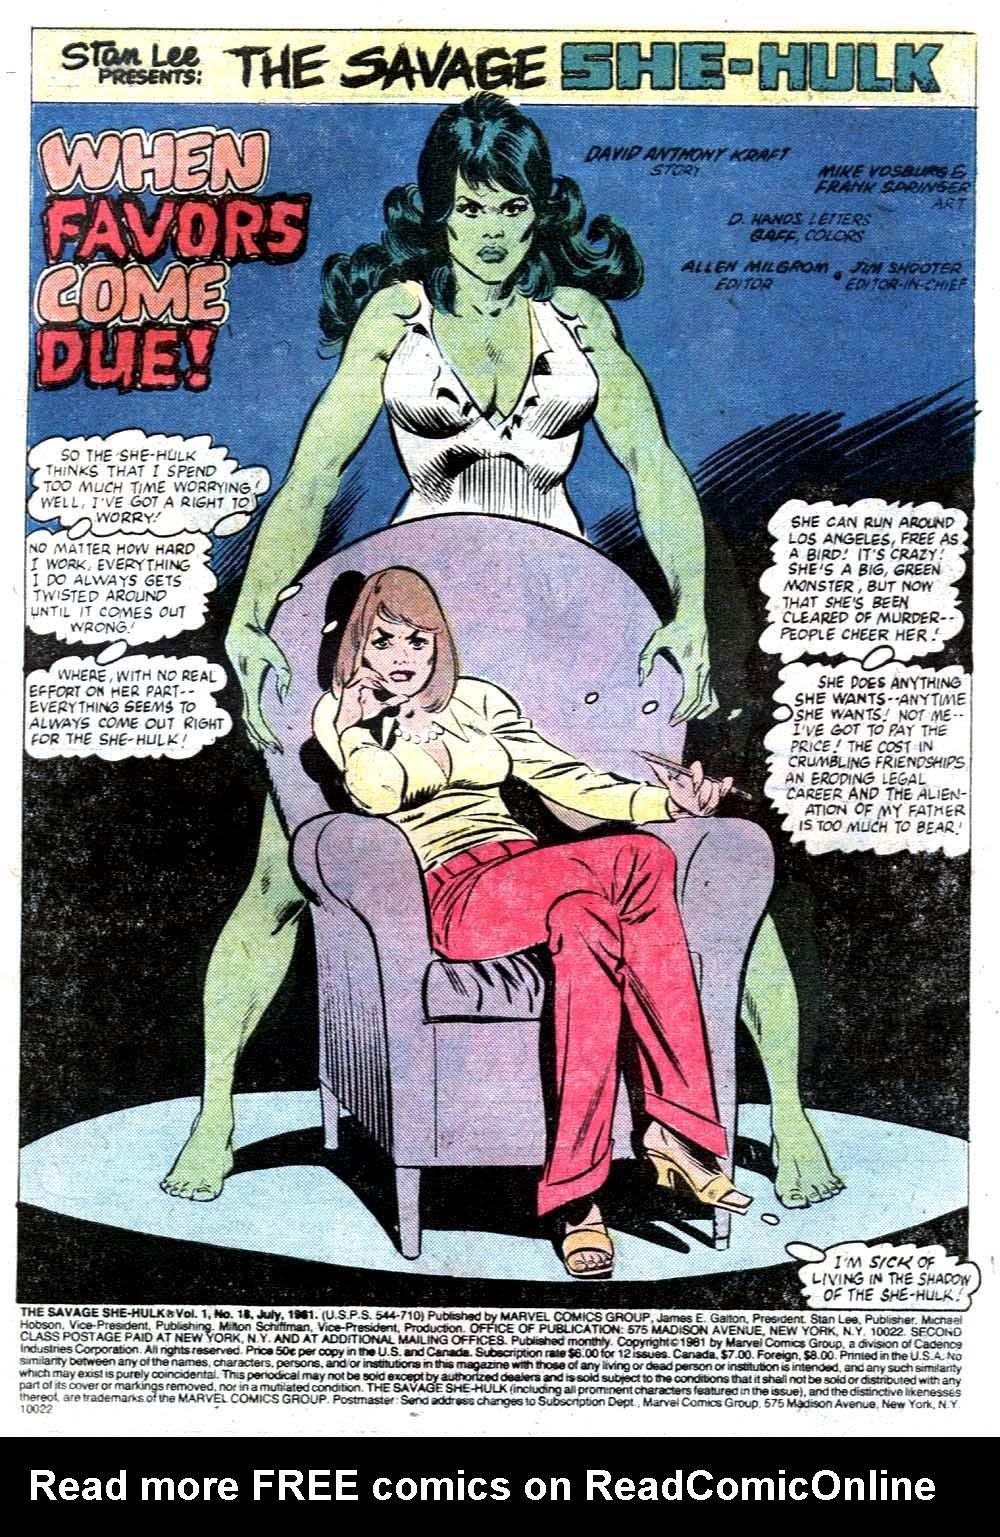 The Savage She-Hulk 18 Page 2